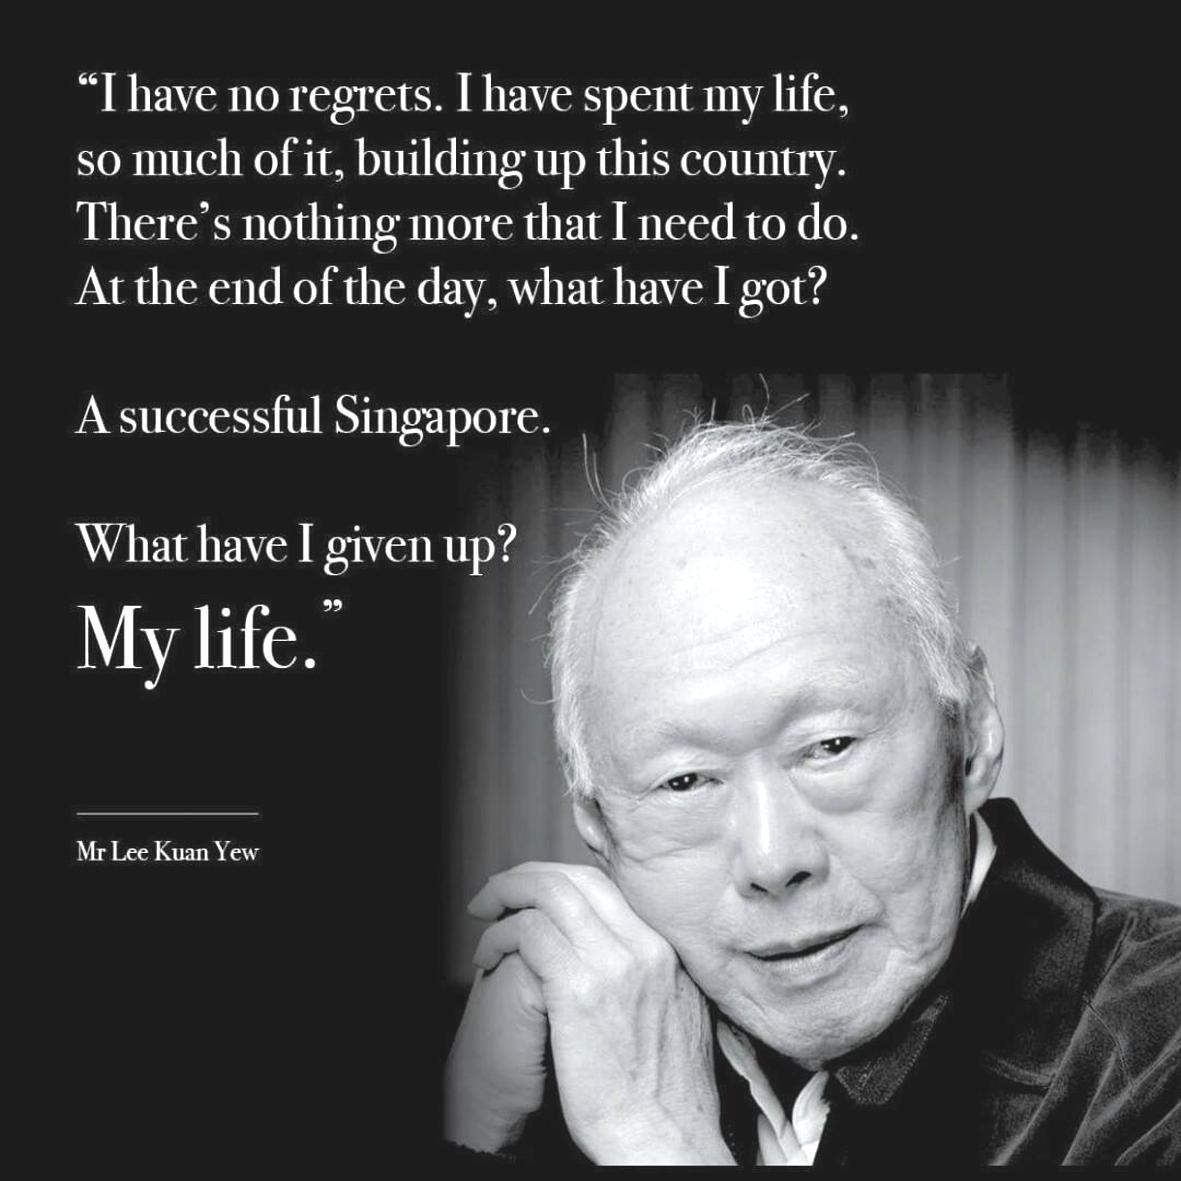 文/新加坡 如一   幾個星期前,看到新聞報導前新加坡總理李光耀先生因感染肺炎住院的消息,於是立即幫他報名來臨的週六聖尊蓮生活佛盧勝彥在台灣雷藏寺主持的「息災祈福」法會。   當天晚上總理公署發表聲明說「李光耀先生住院已有二十多天,病情一直沒有好轉,今晚病情稍微有些起色。」頓時欣喜安慰,感謝聖尊和佛菩薩的慈悲加持。   接下來,陸續也幫李光耀先生報名了聖尊親自主持的法會,祈求他能早日康復出院。奈何,李光耀先生還是抵不過病魔侵襲,病情每況日下,終於在3月23日凌晨病逝,享壽91歲。   李光耀先生是新加坡第